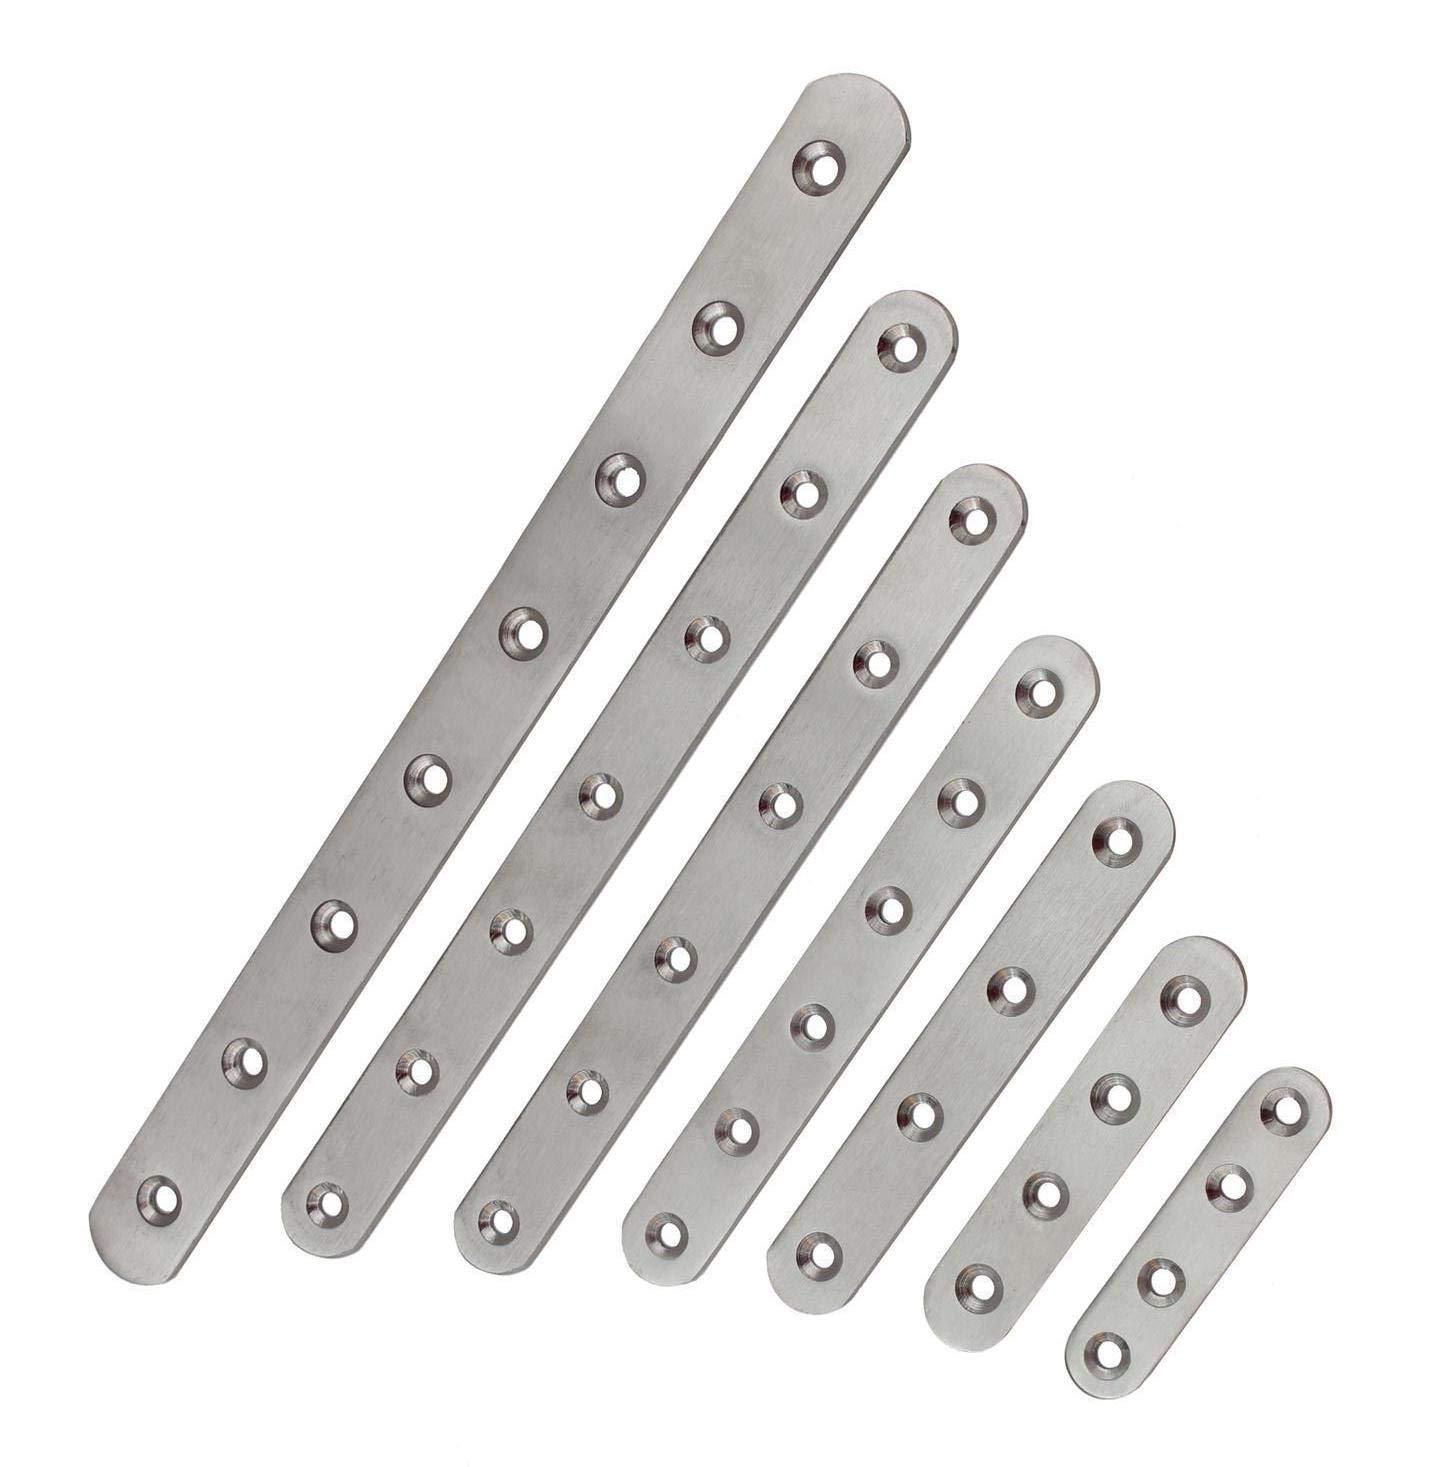 chapa perforada abrazaderas placa perforada 7 tama/ños Conector plano de acero inoxidable /ángulo de metal conector de madera conector